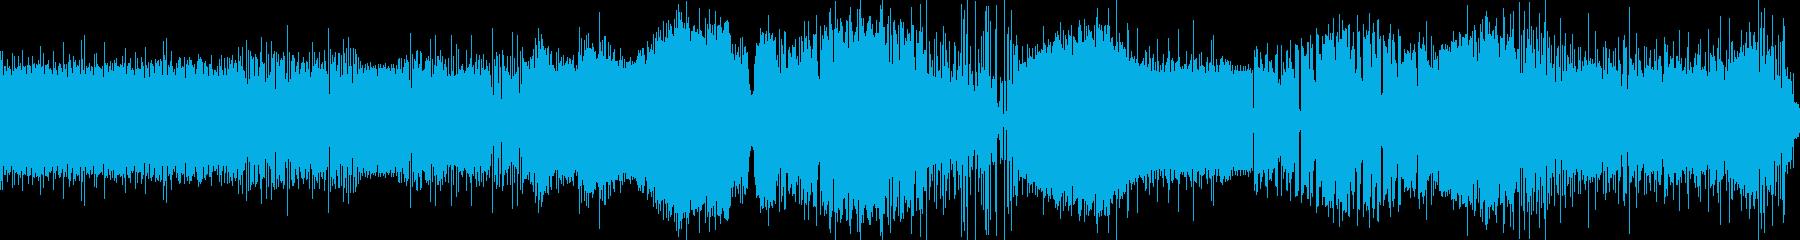 かっこいいエレクトロの再生済みの波形